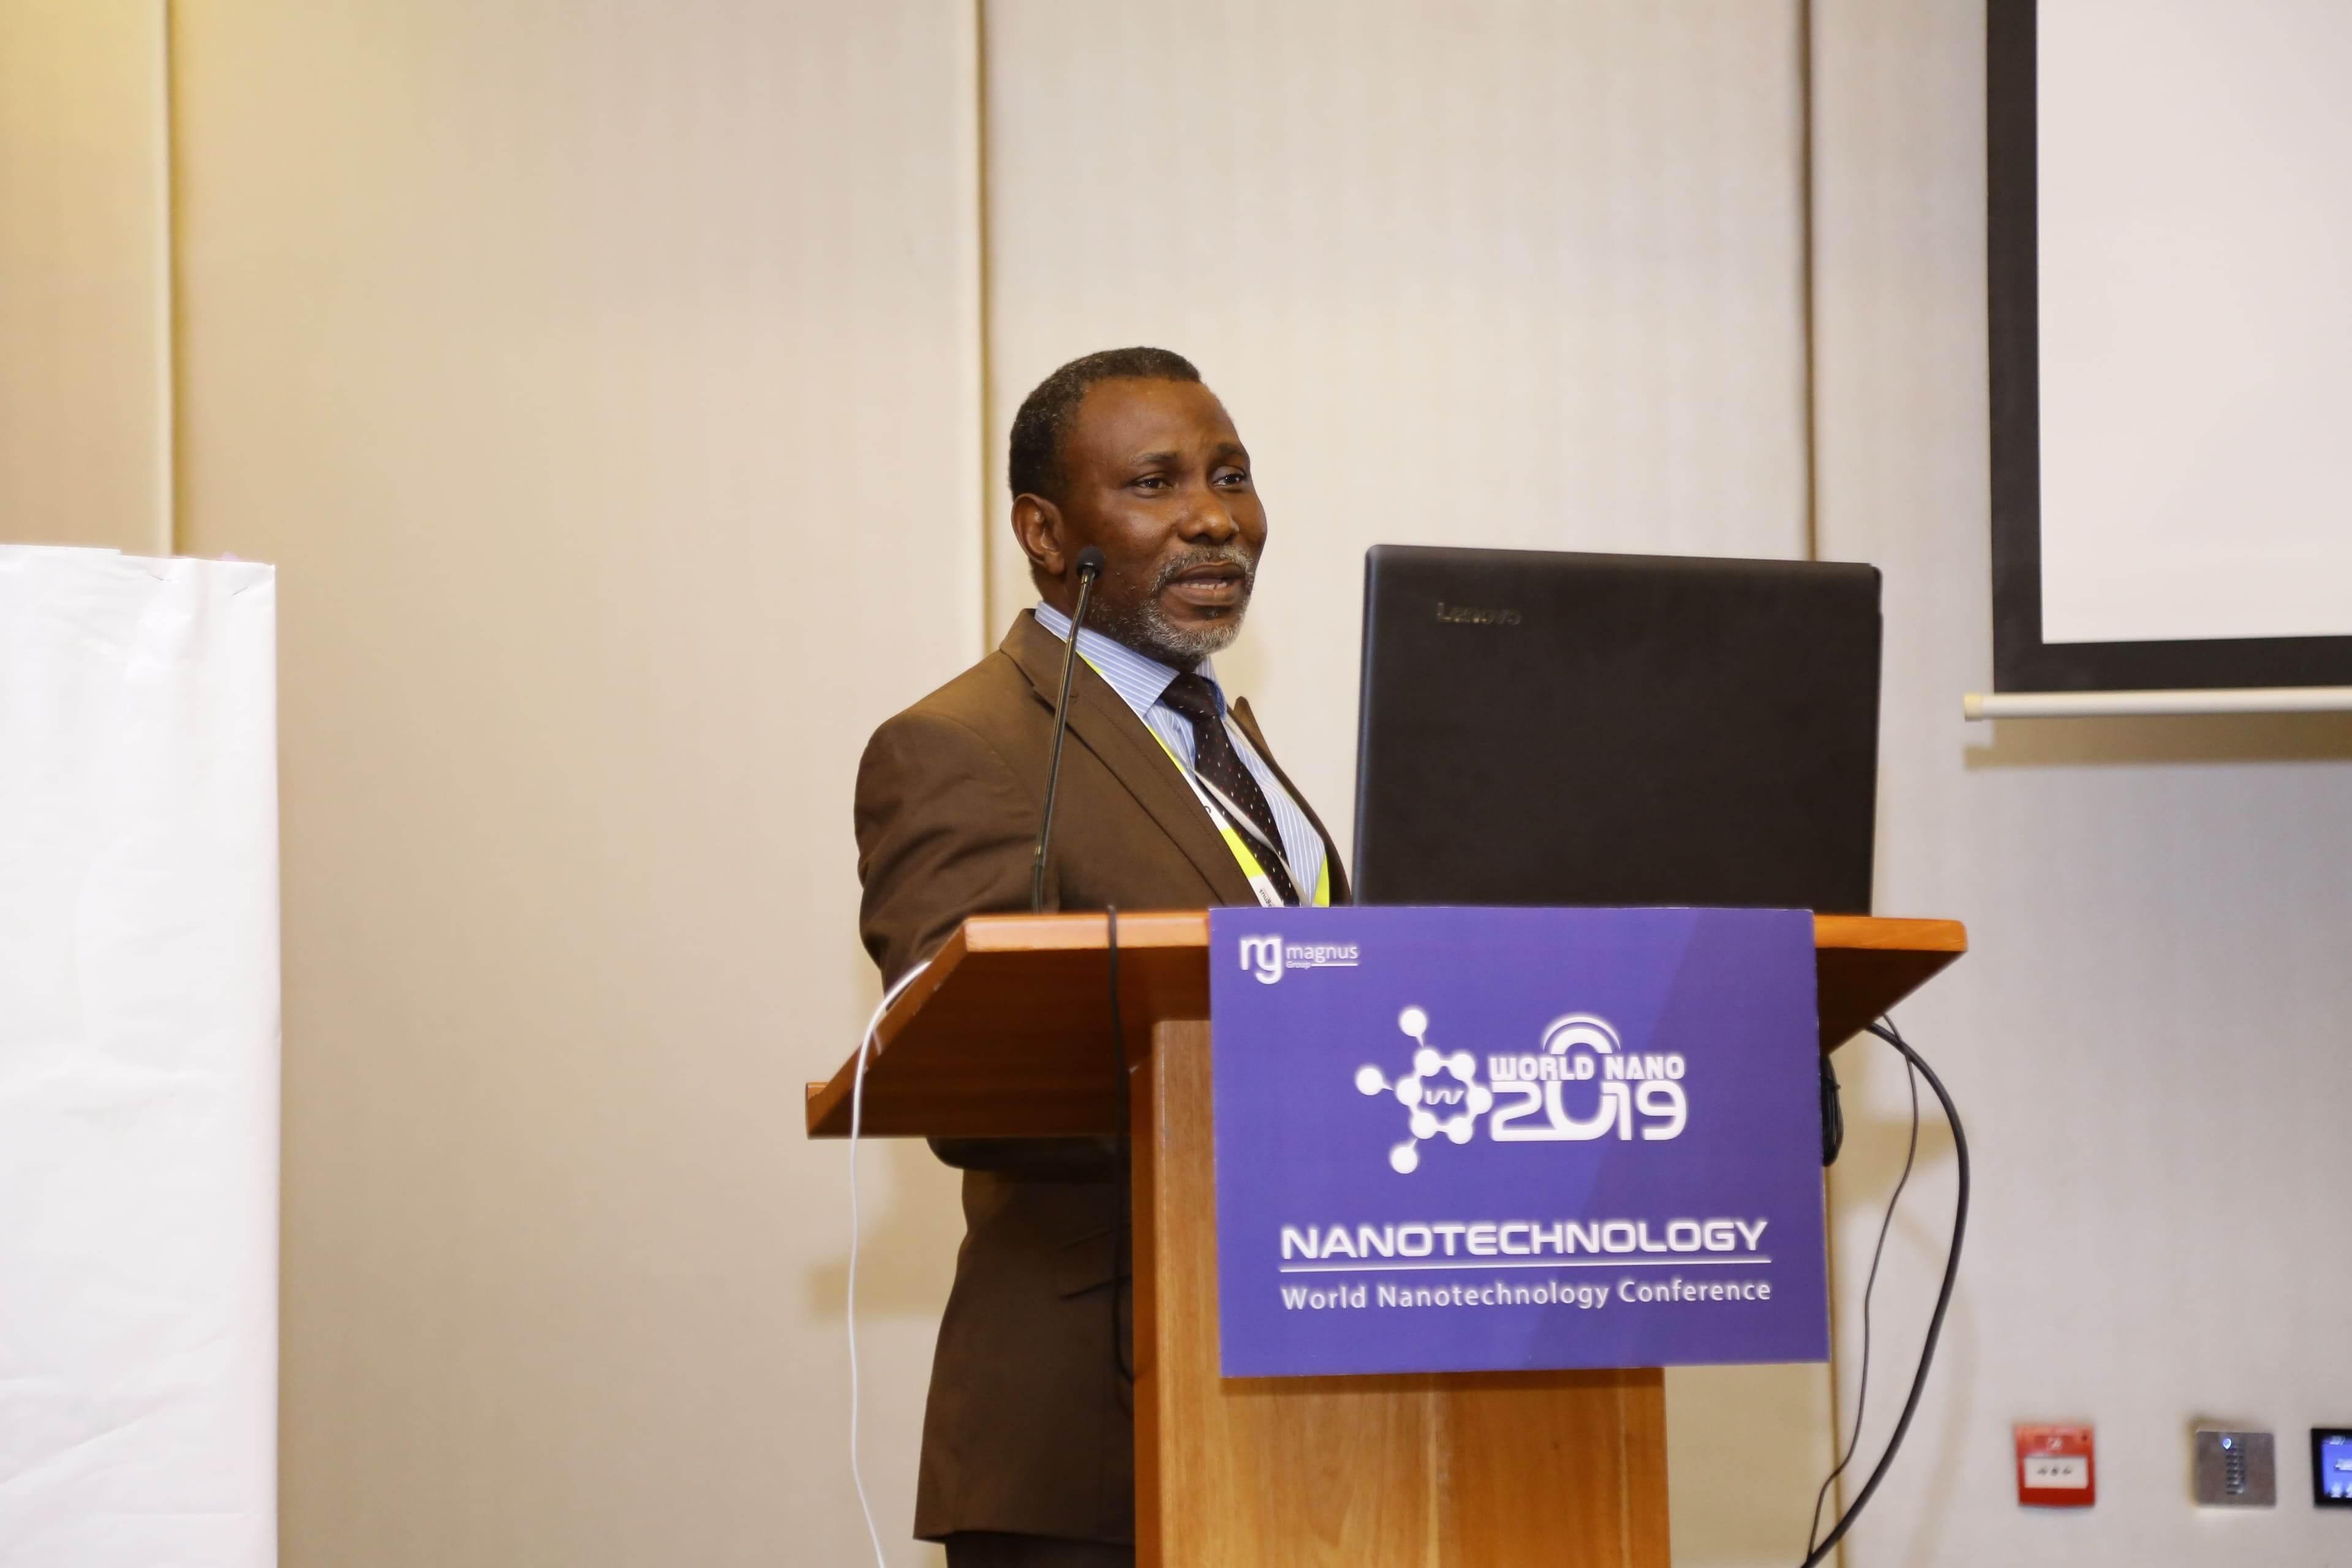 Nanotechnology 2020 Conference